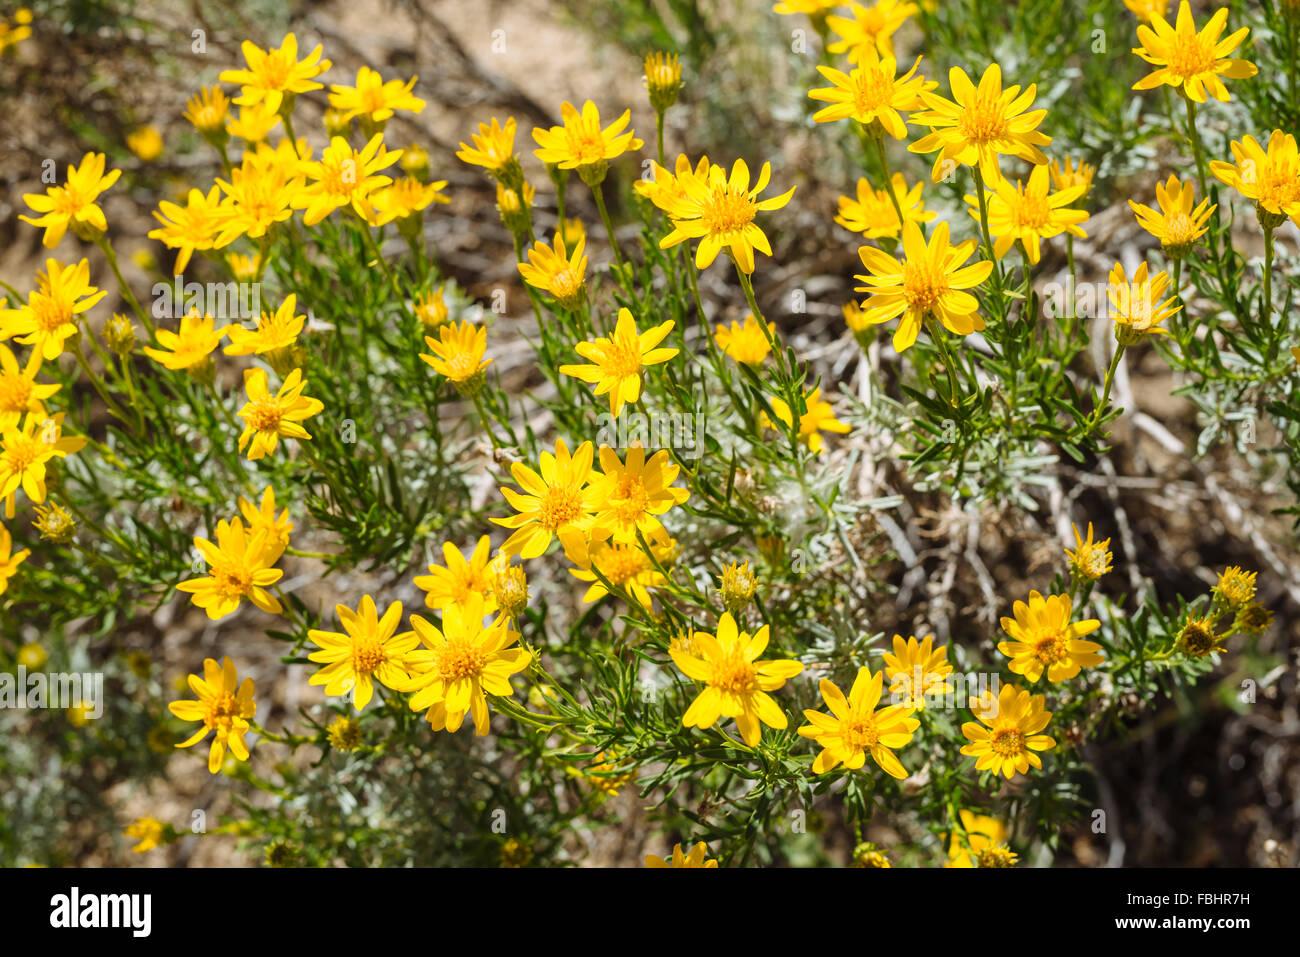 Cespuglio Con Fiori Gialli.Un Deserto Arbusto Con Fiori Gialli A Joshua Tree National Park